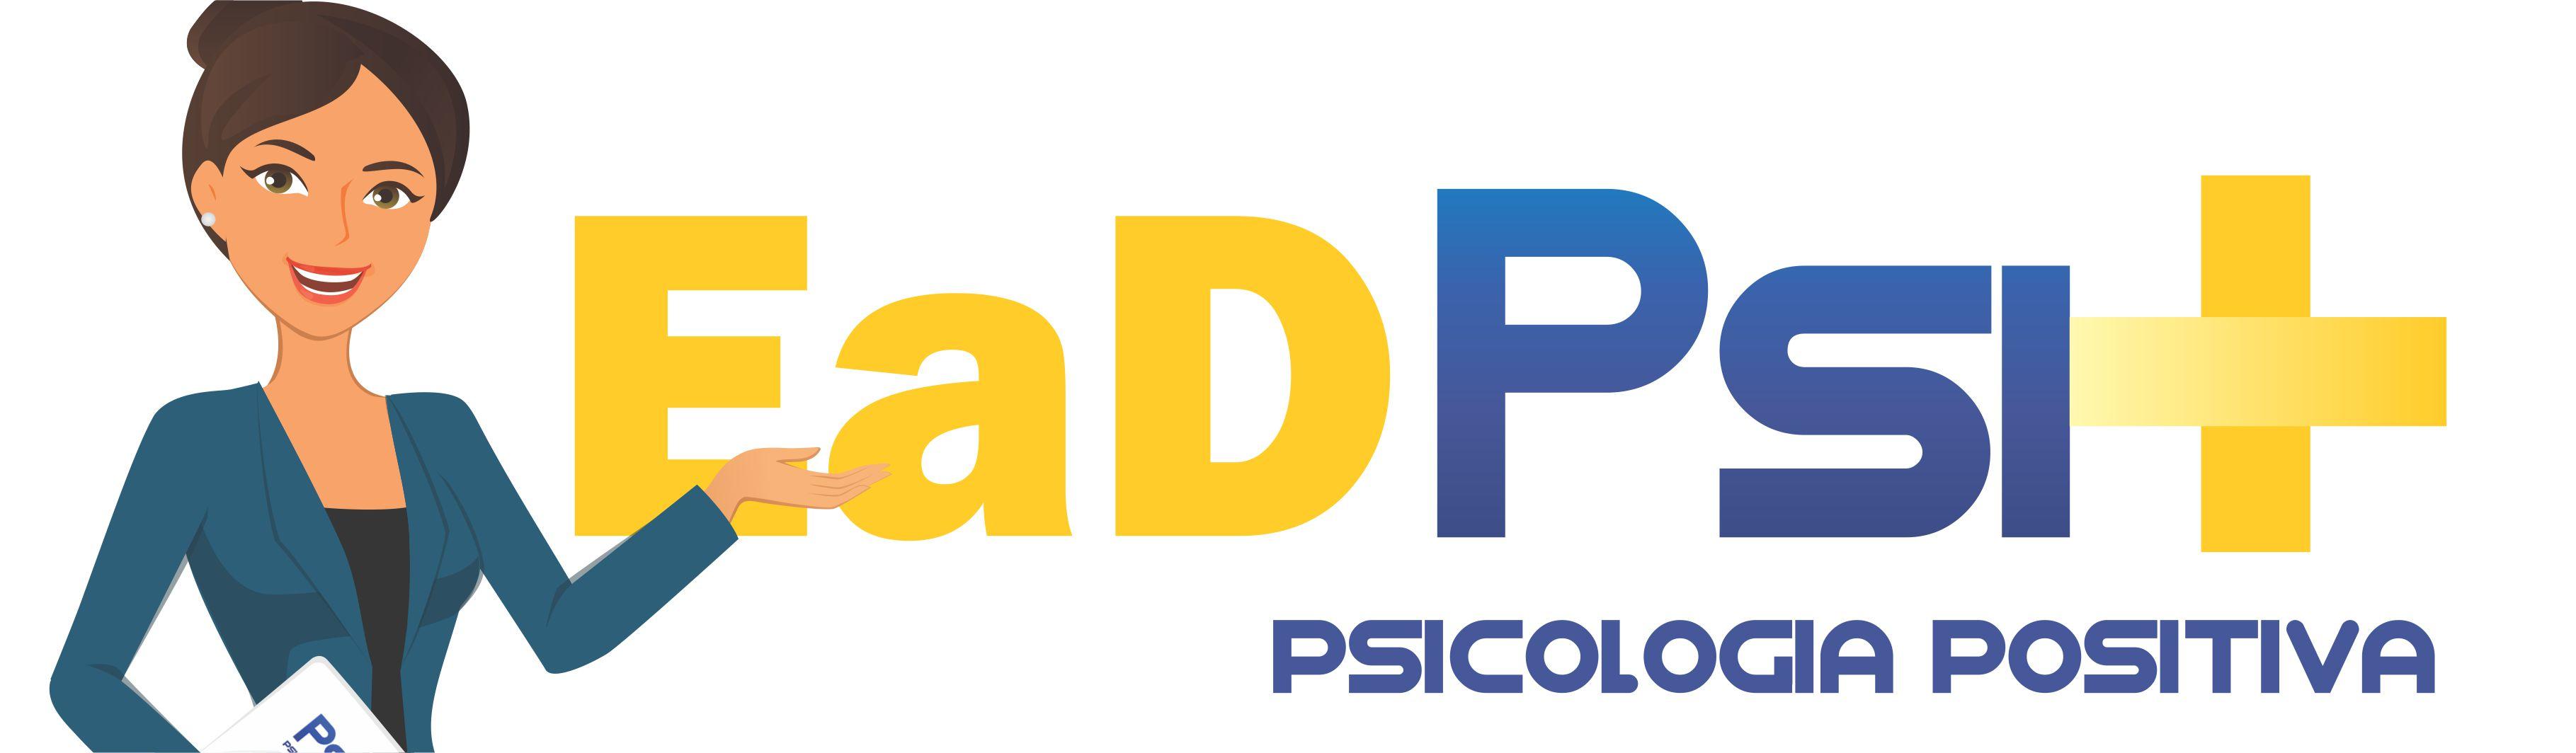 psicologiapositiva